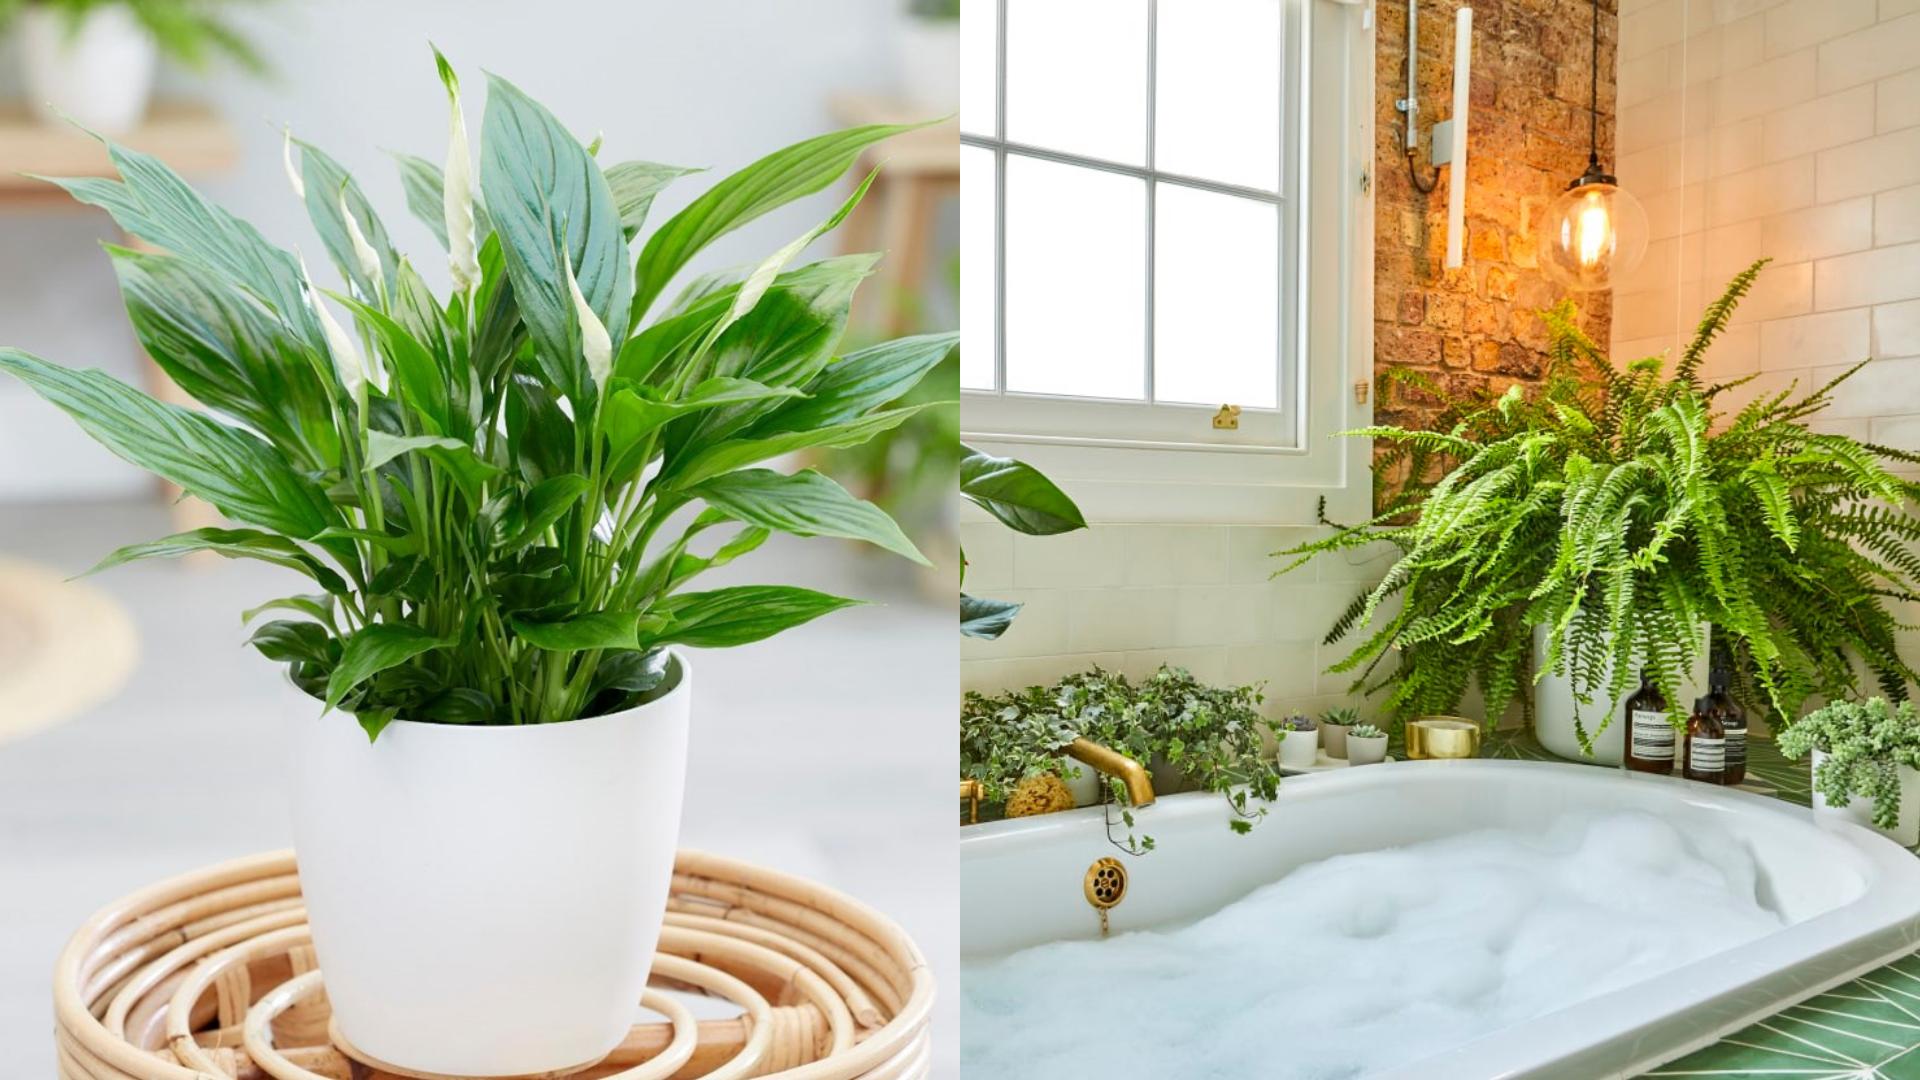 Mẹo hút ẩm không khí chỉ với 7 loại cây xanh trồng trong nhà này!